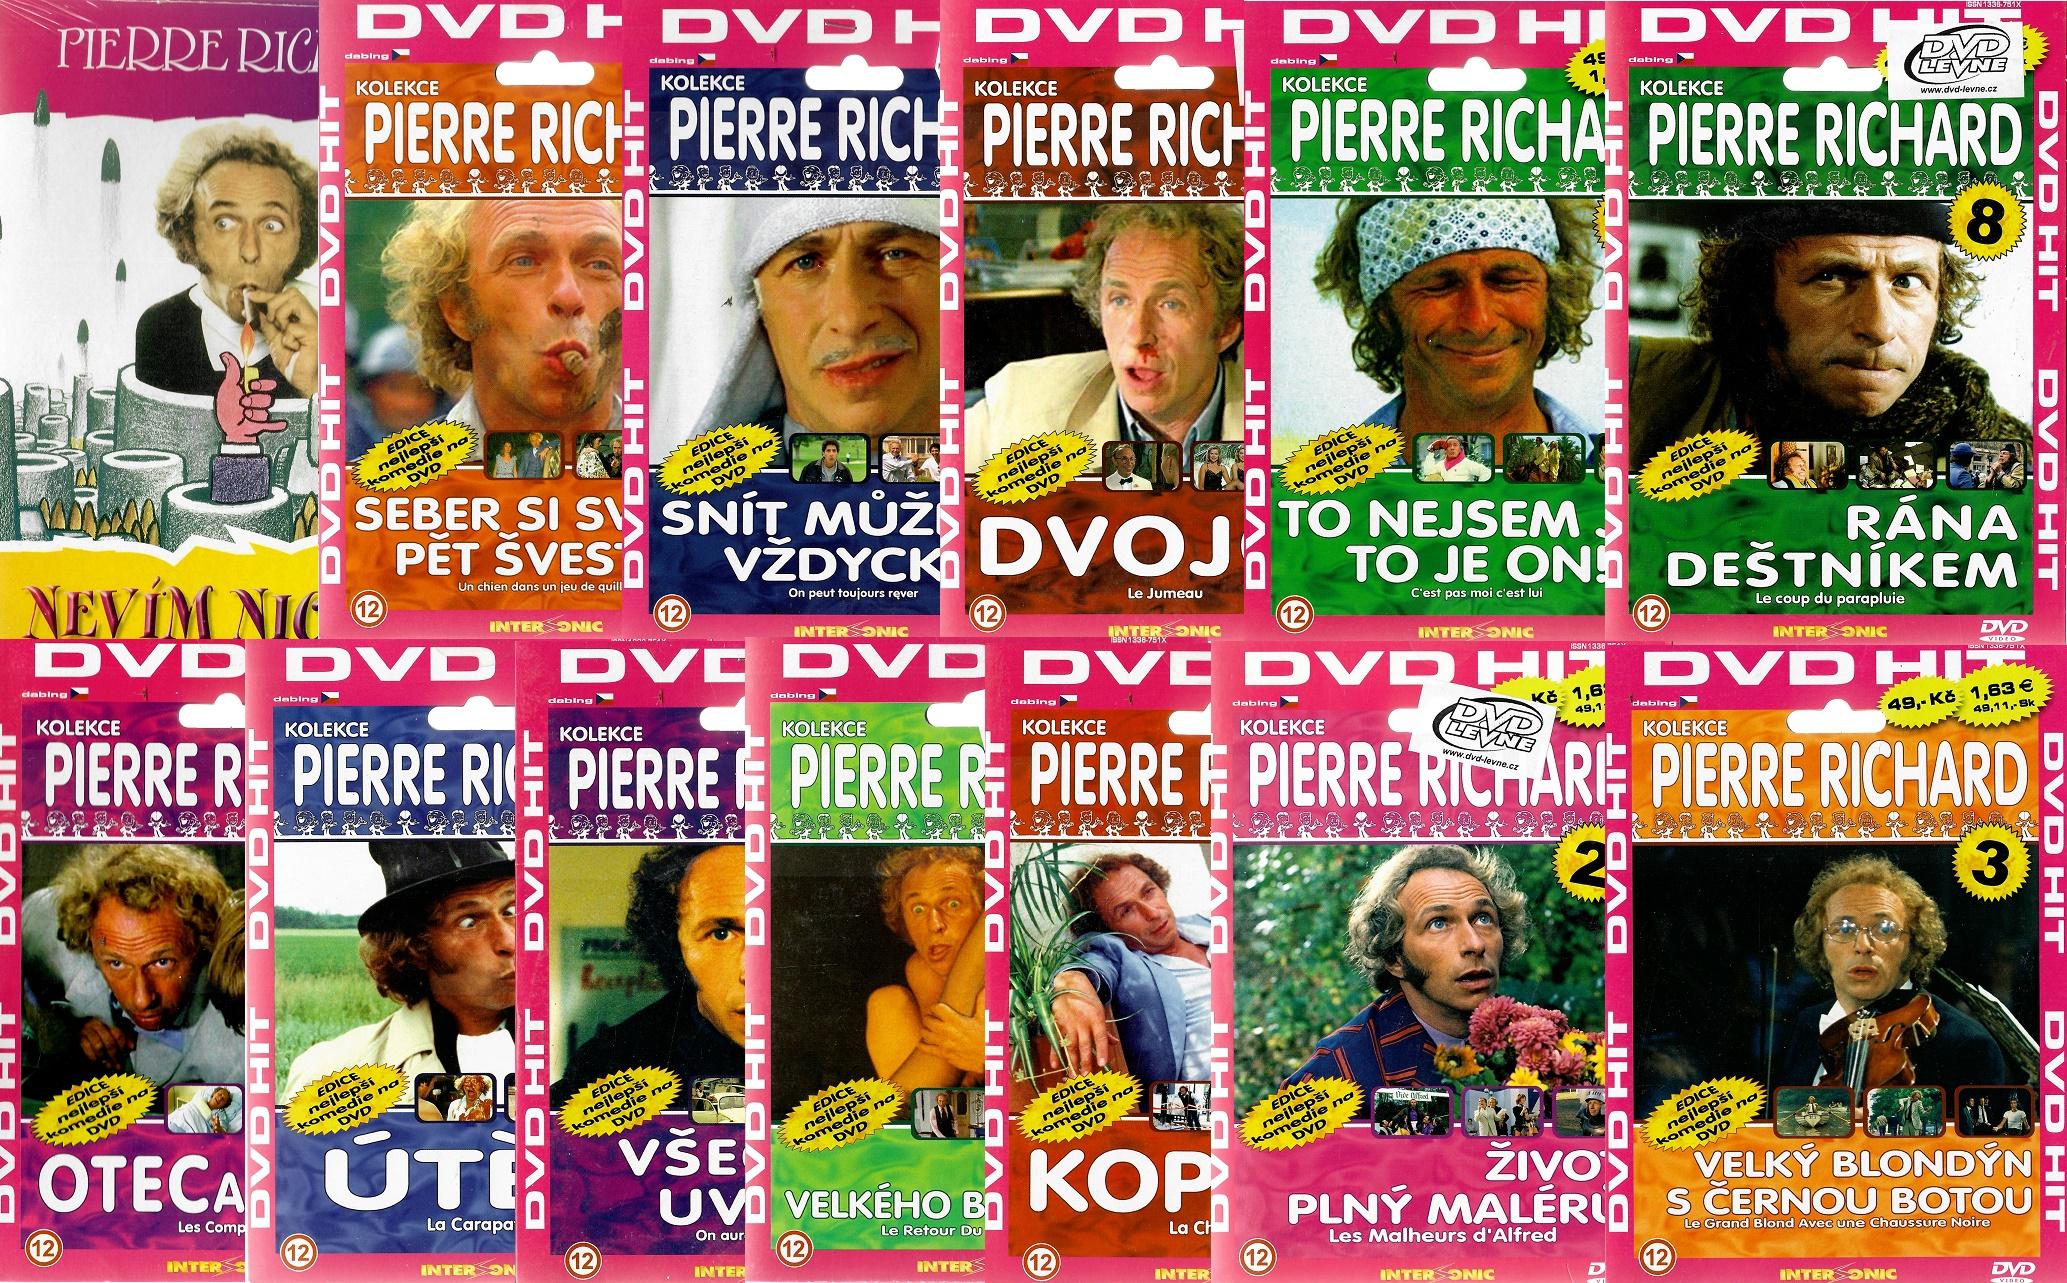 Kolekce Pierre Richard 13DVD